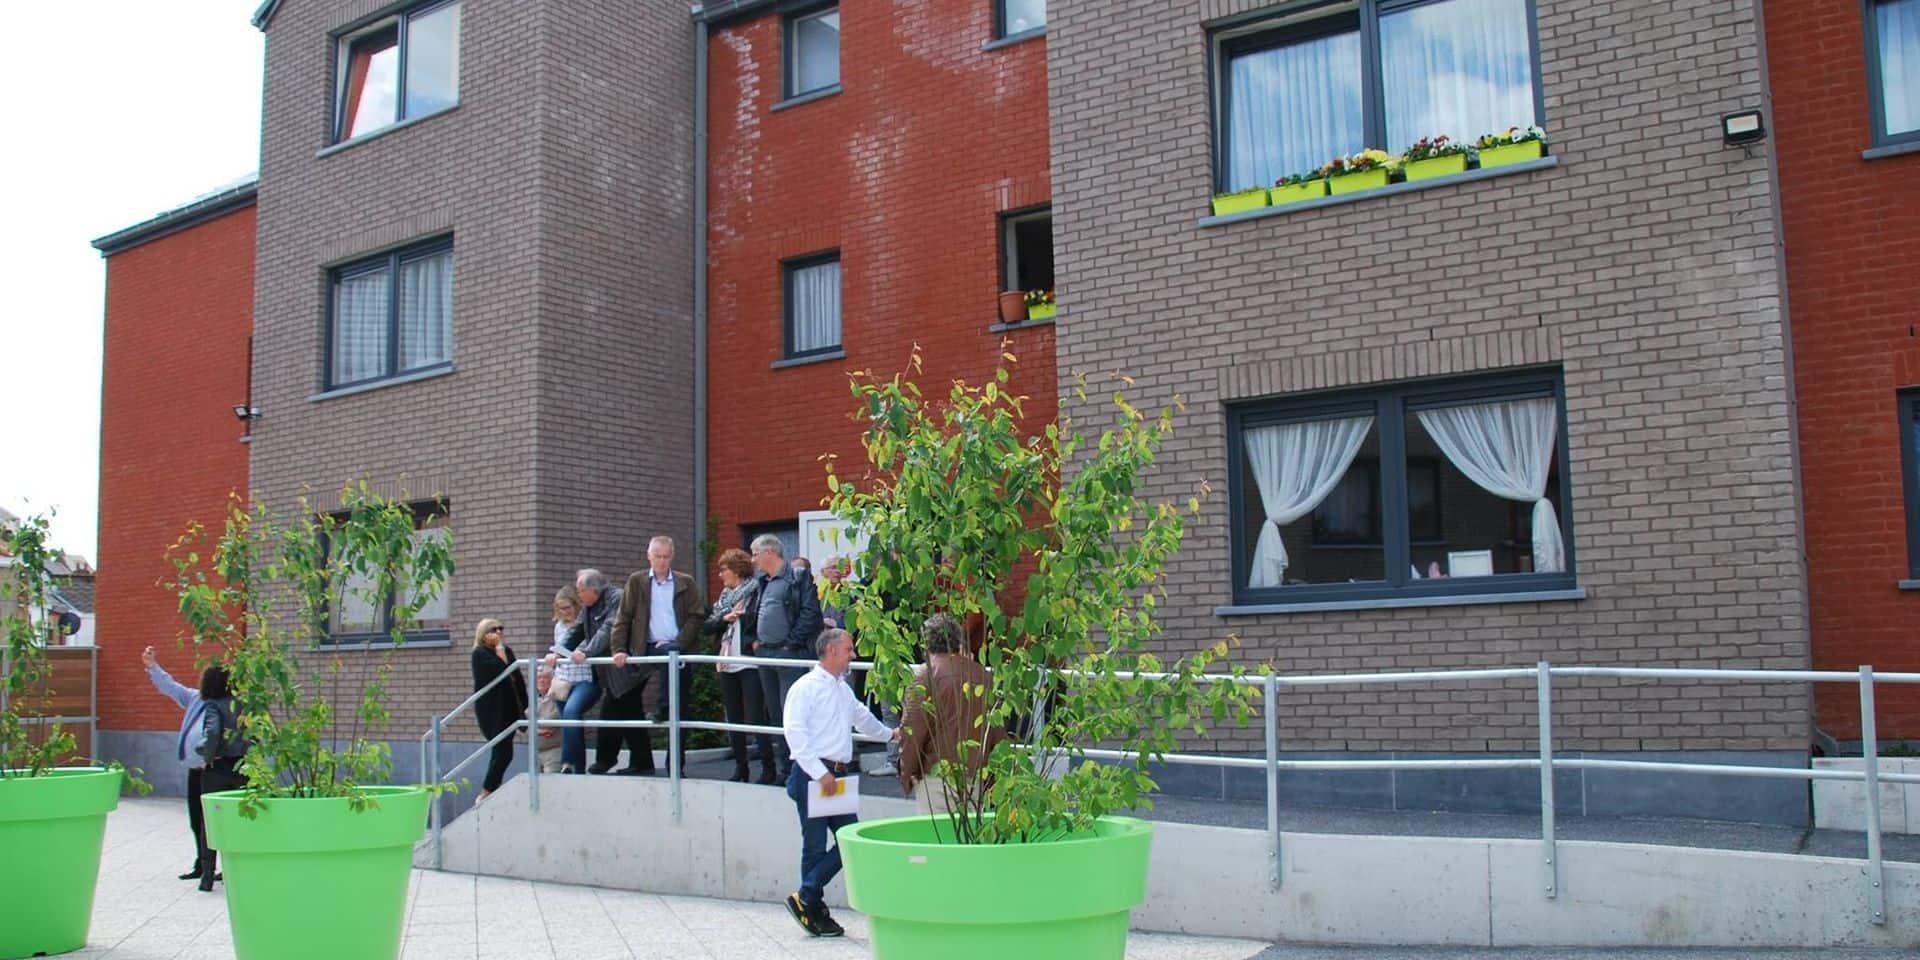 On dénombre 285 logements publics à Braine-le-Comte : il en faudrait 150 supplémentaires